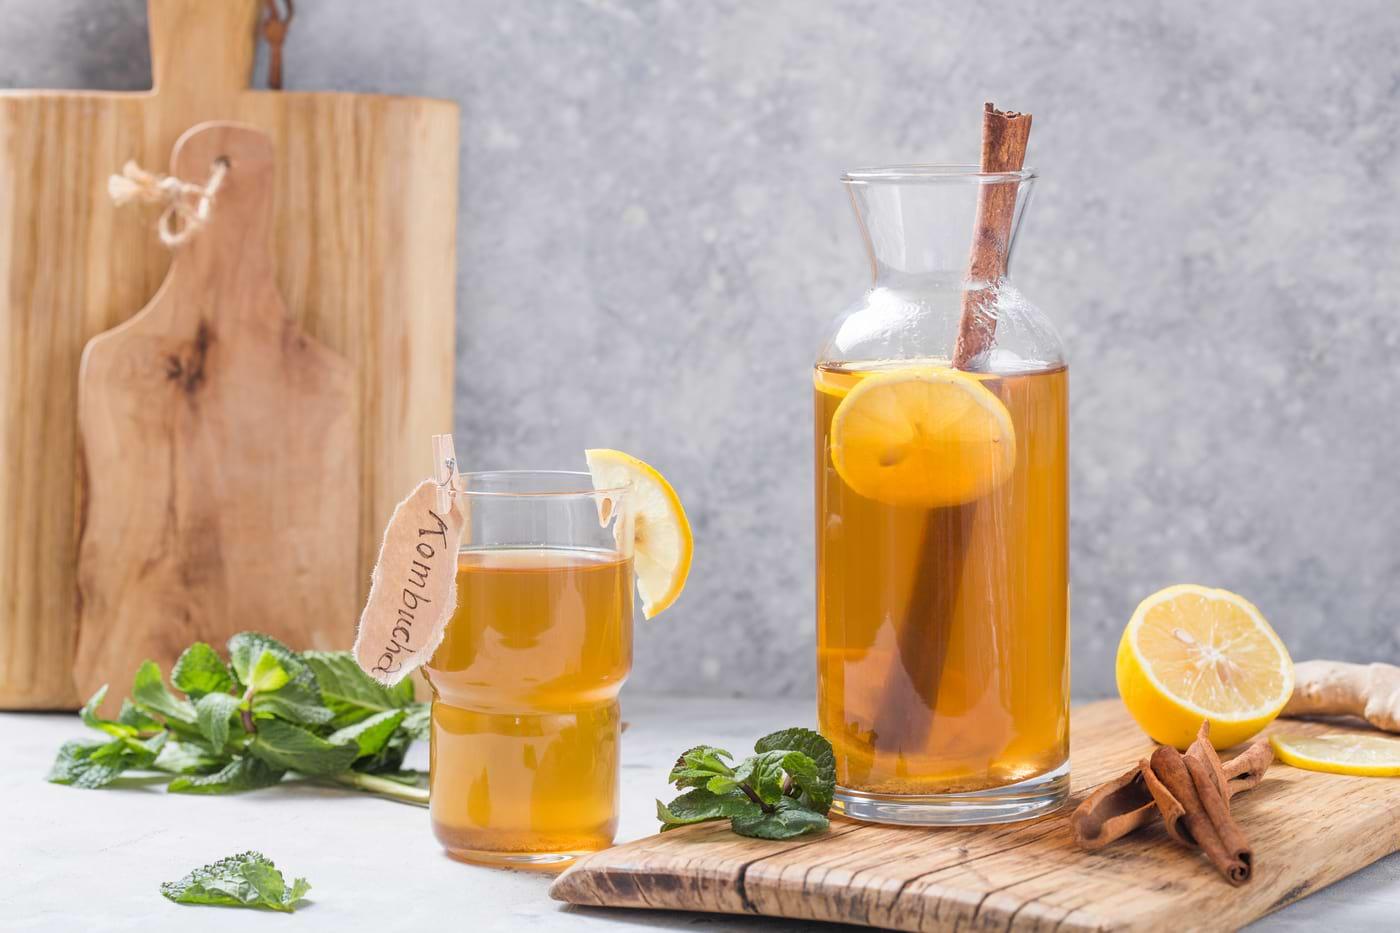 Băuturi care stimulează memoria și concentrarea